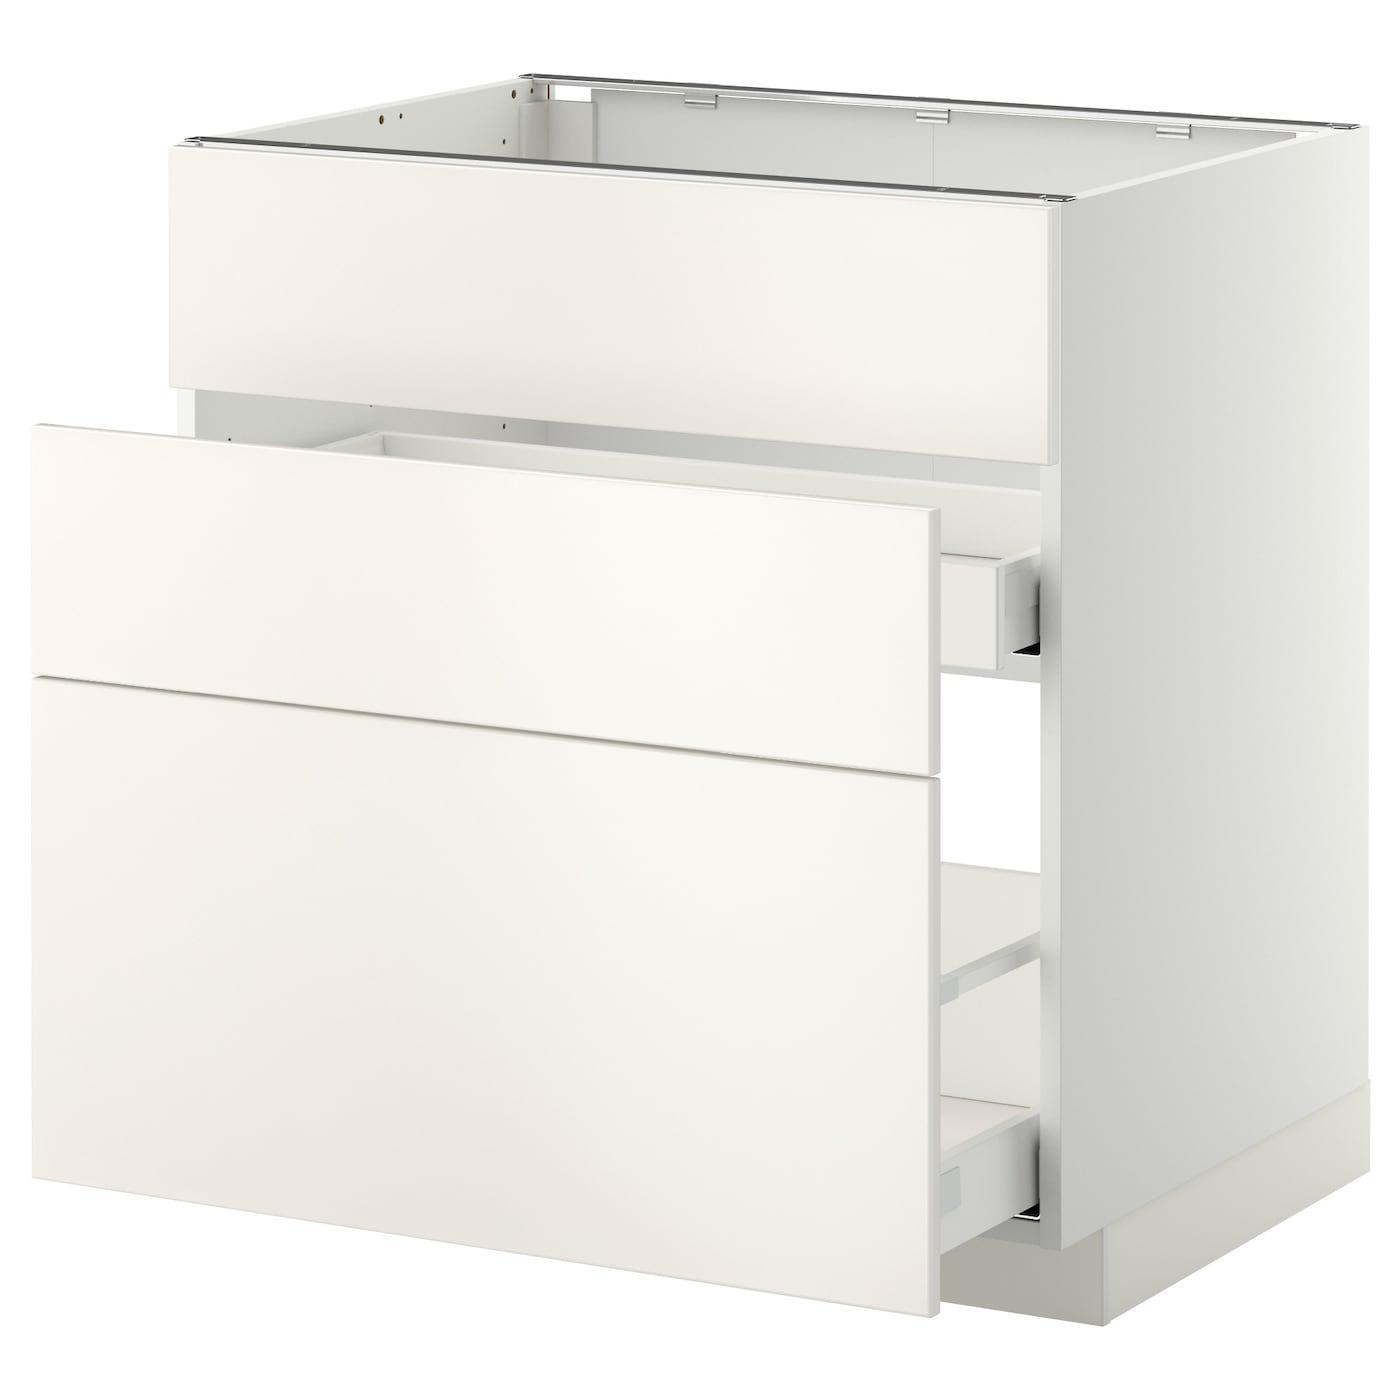 Ikea Kitchen Veddinge White: METOD/MAXIMERA Base Cab F Sink+3 Fronts/2 Drawers White